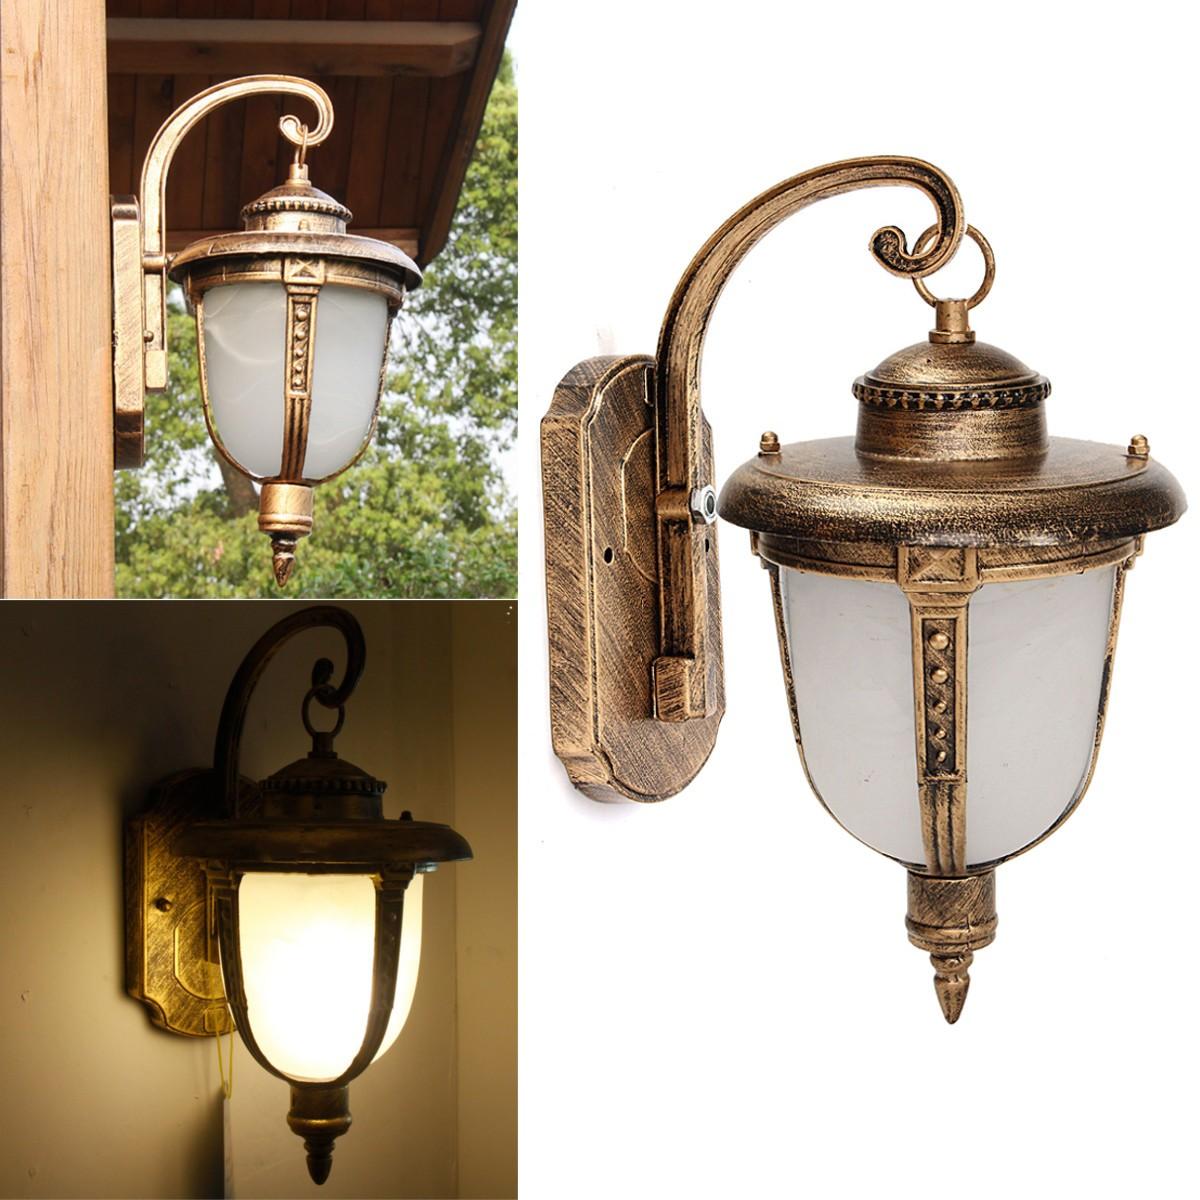 Outdoor porch lantern vintage wall light fixture aluminum exterior brass garden lamp for Vintage exterior light fixtures